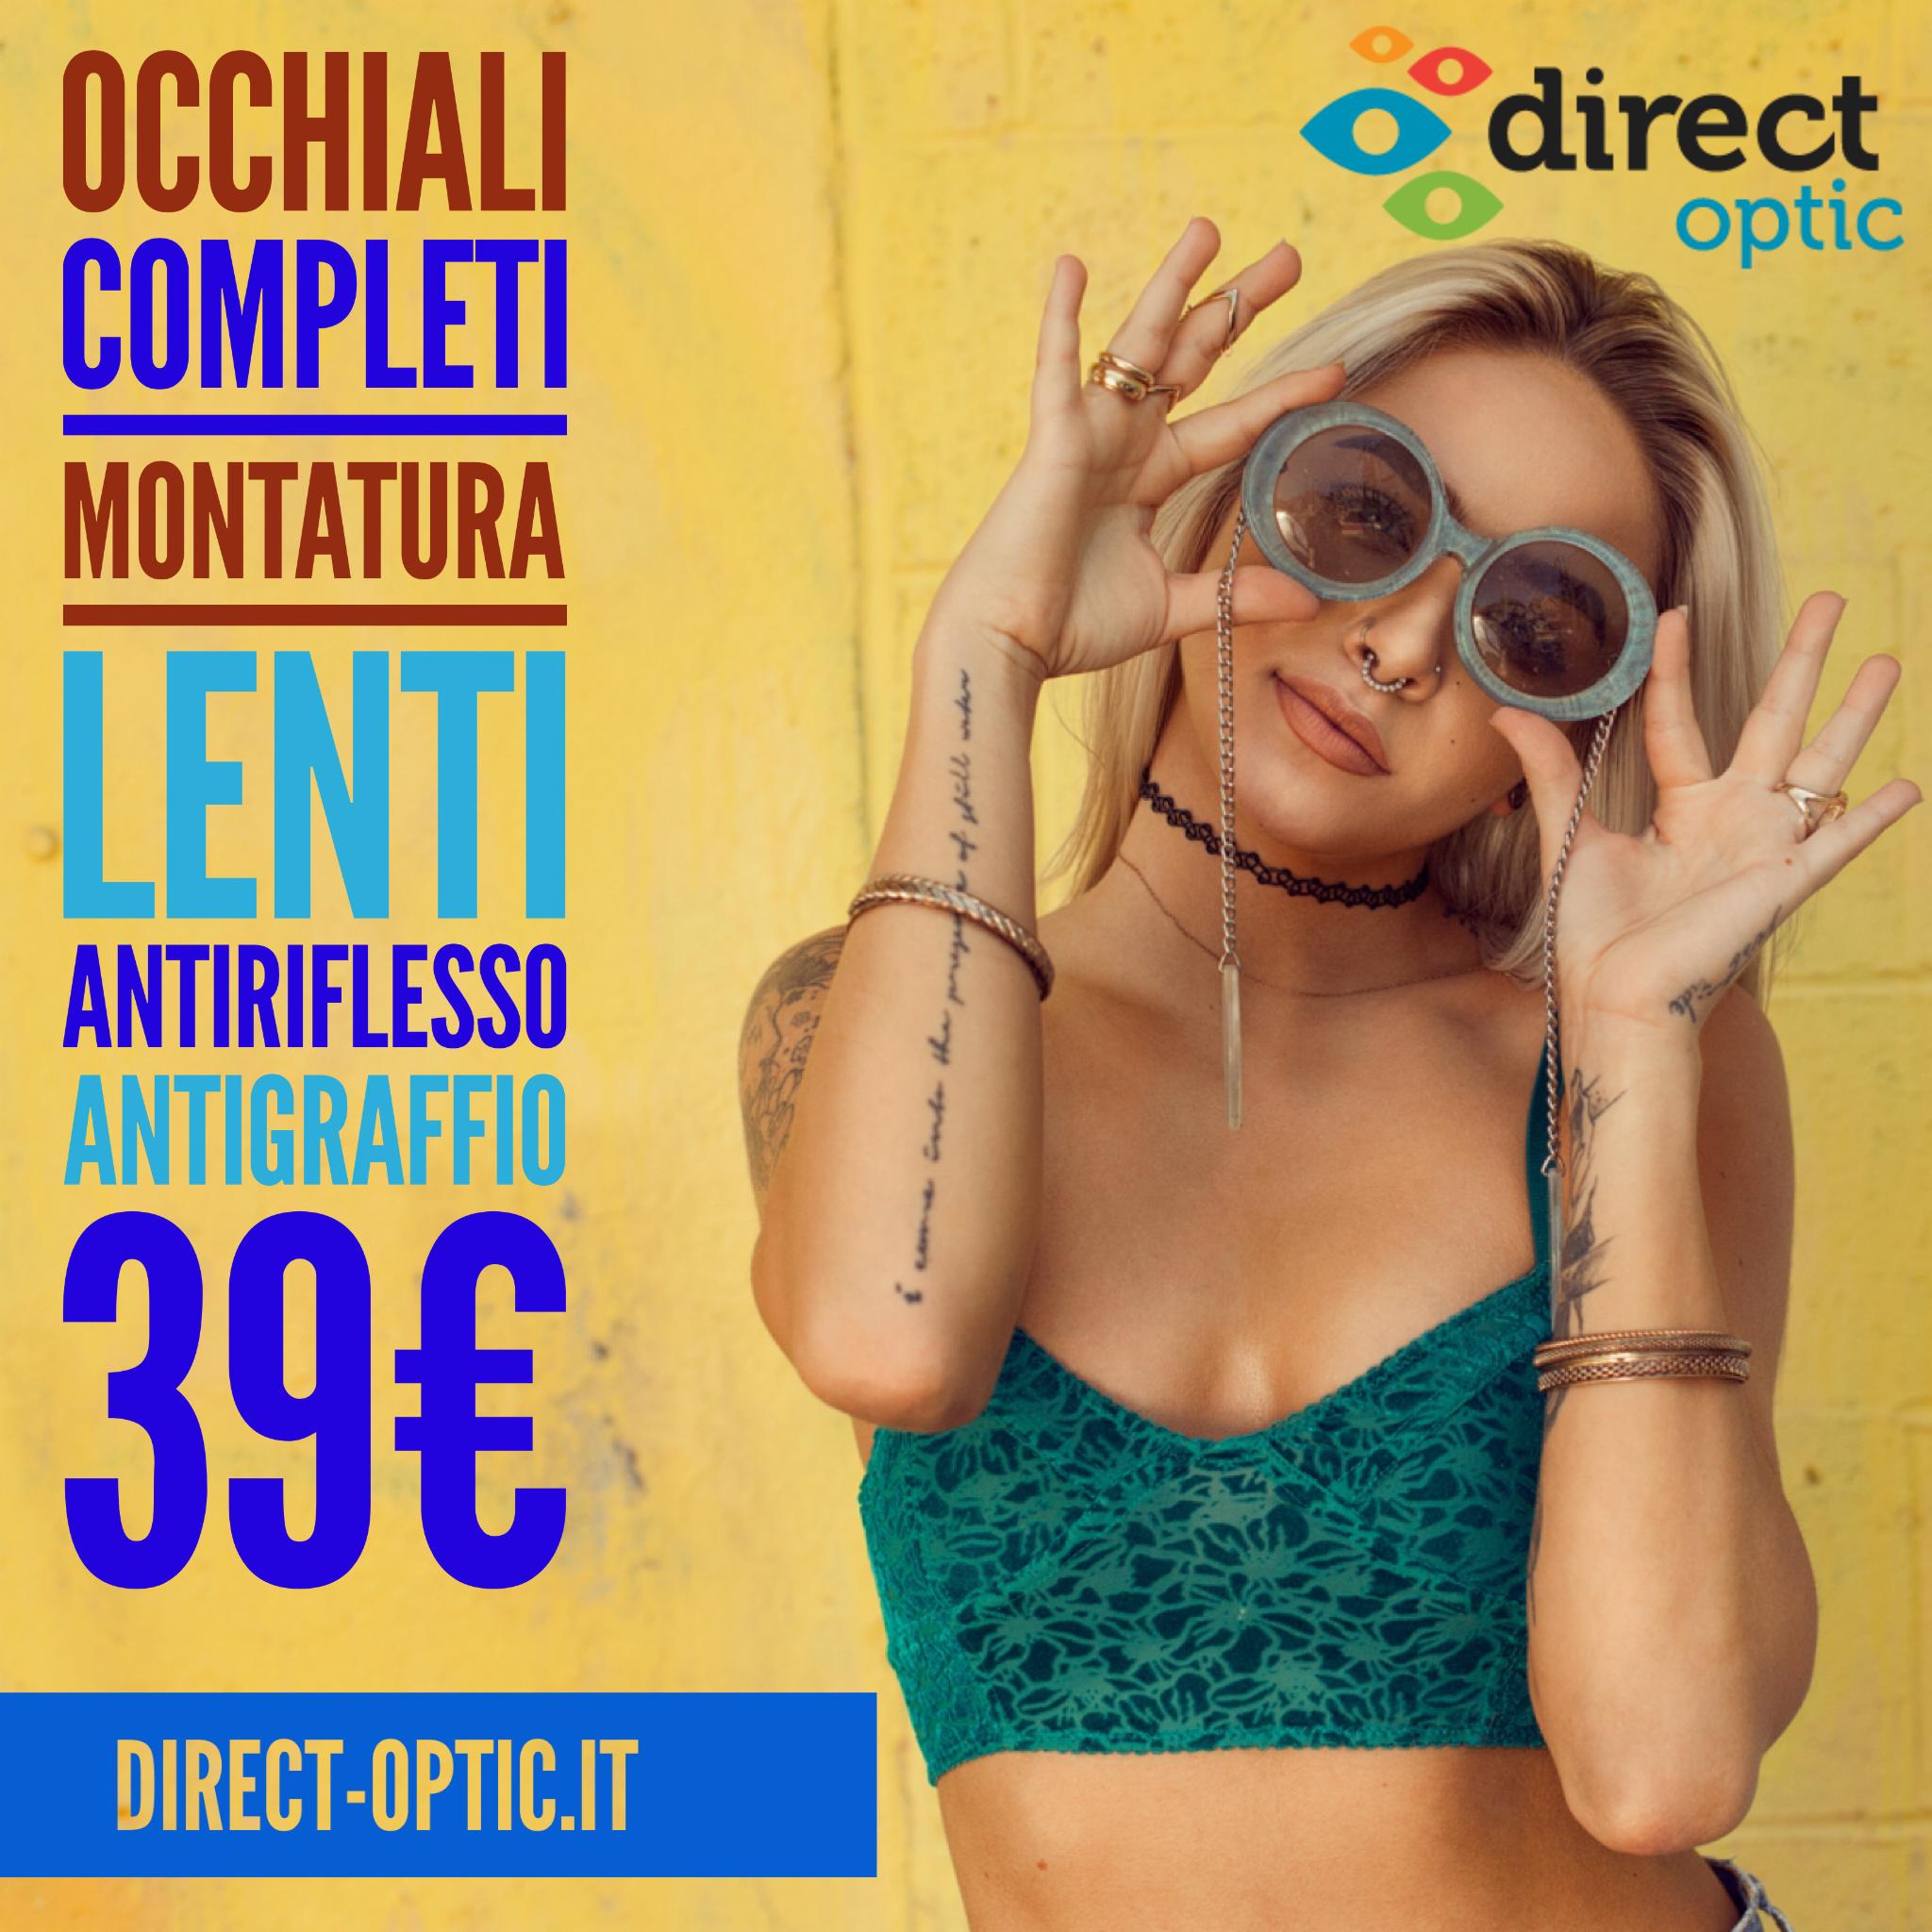 Direct optic occhiali online: qualità ai migliori prezzi